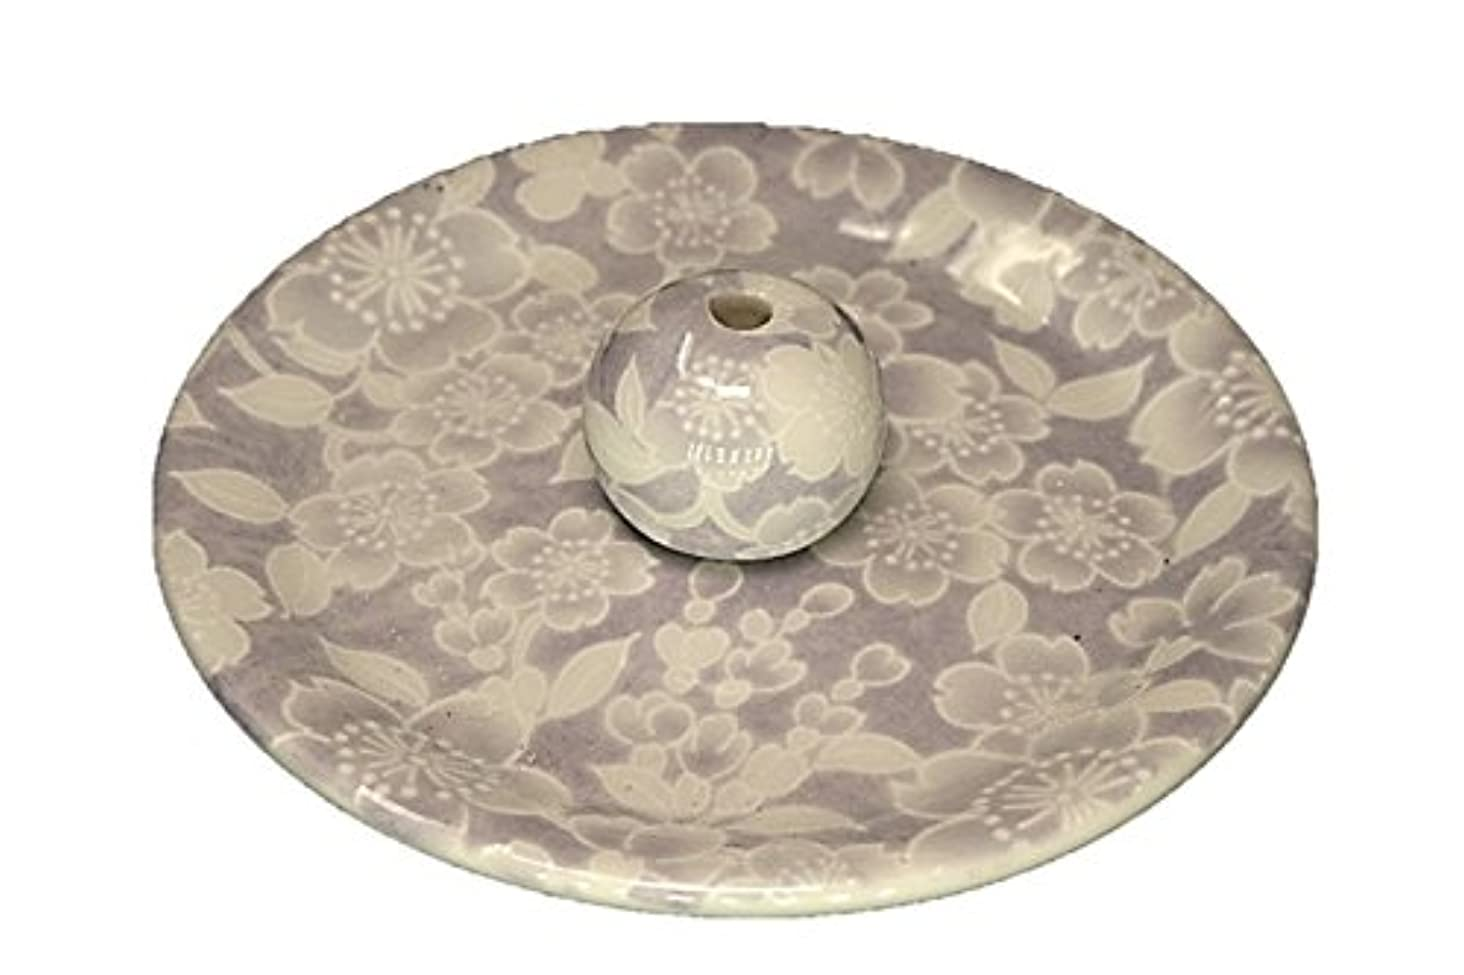 ページカロリーマーティフィールディング9-54 桜友禅 紫 お香立て 9cm香皿 お香たて 陶器 日本製 製造 直売